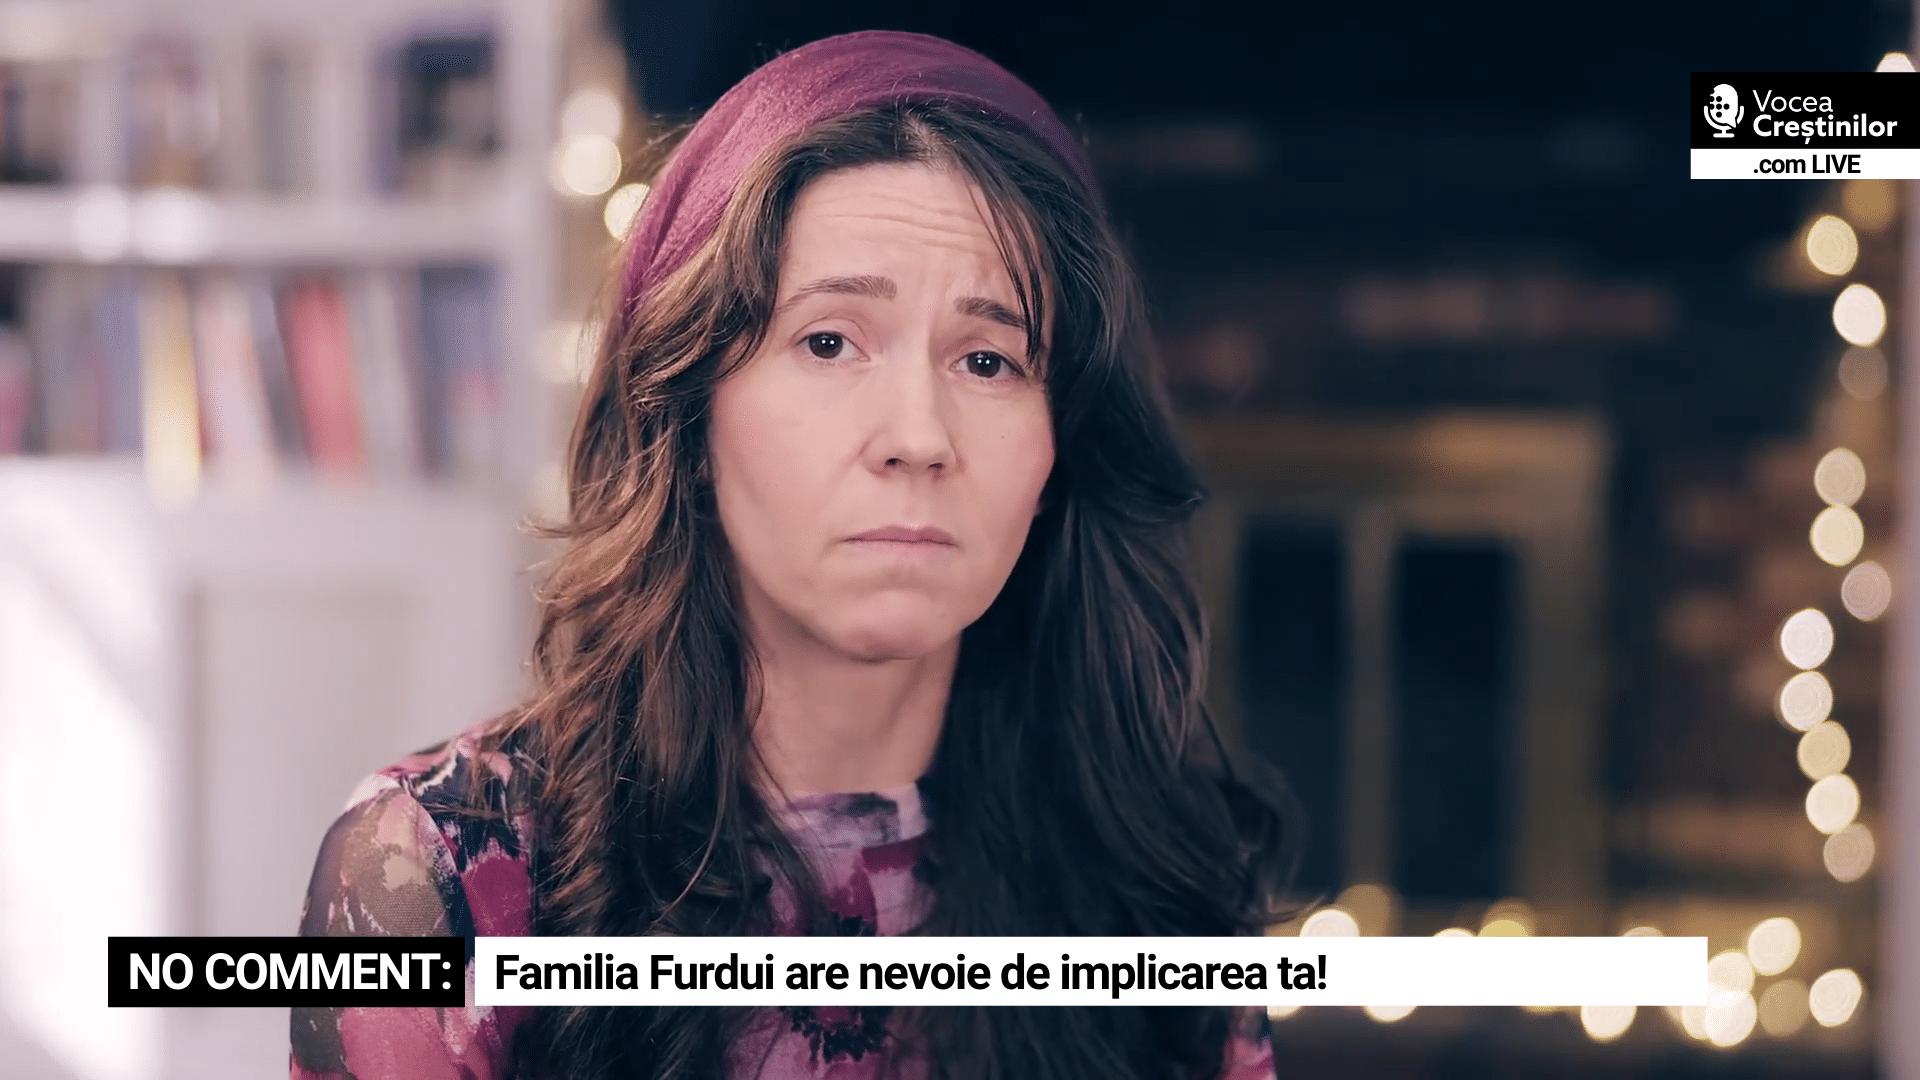 Familia Furdui